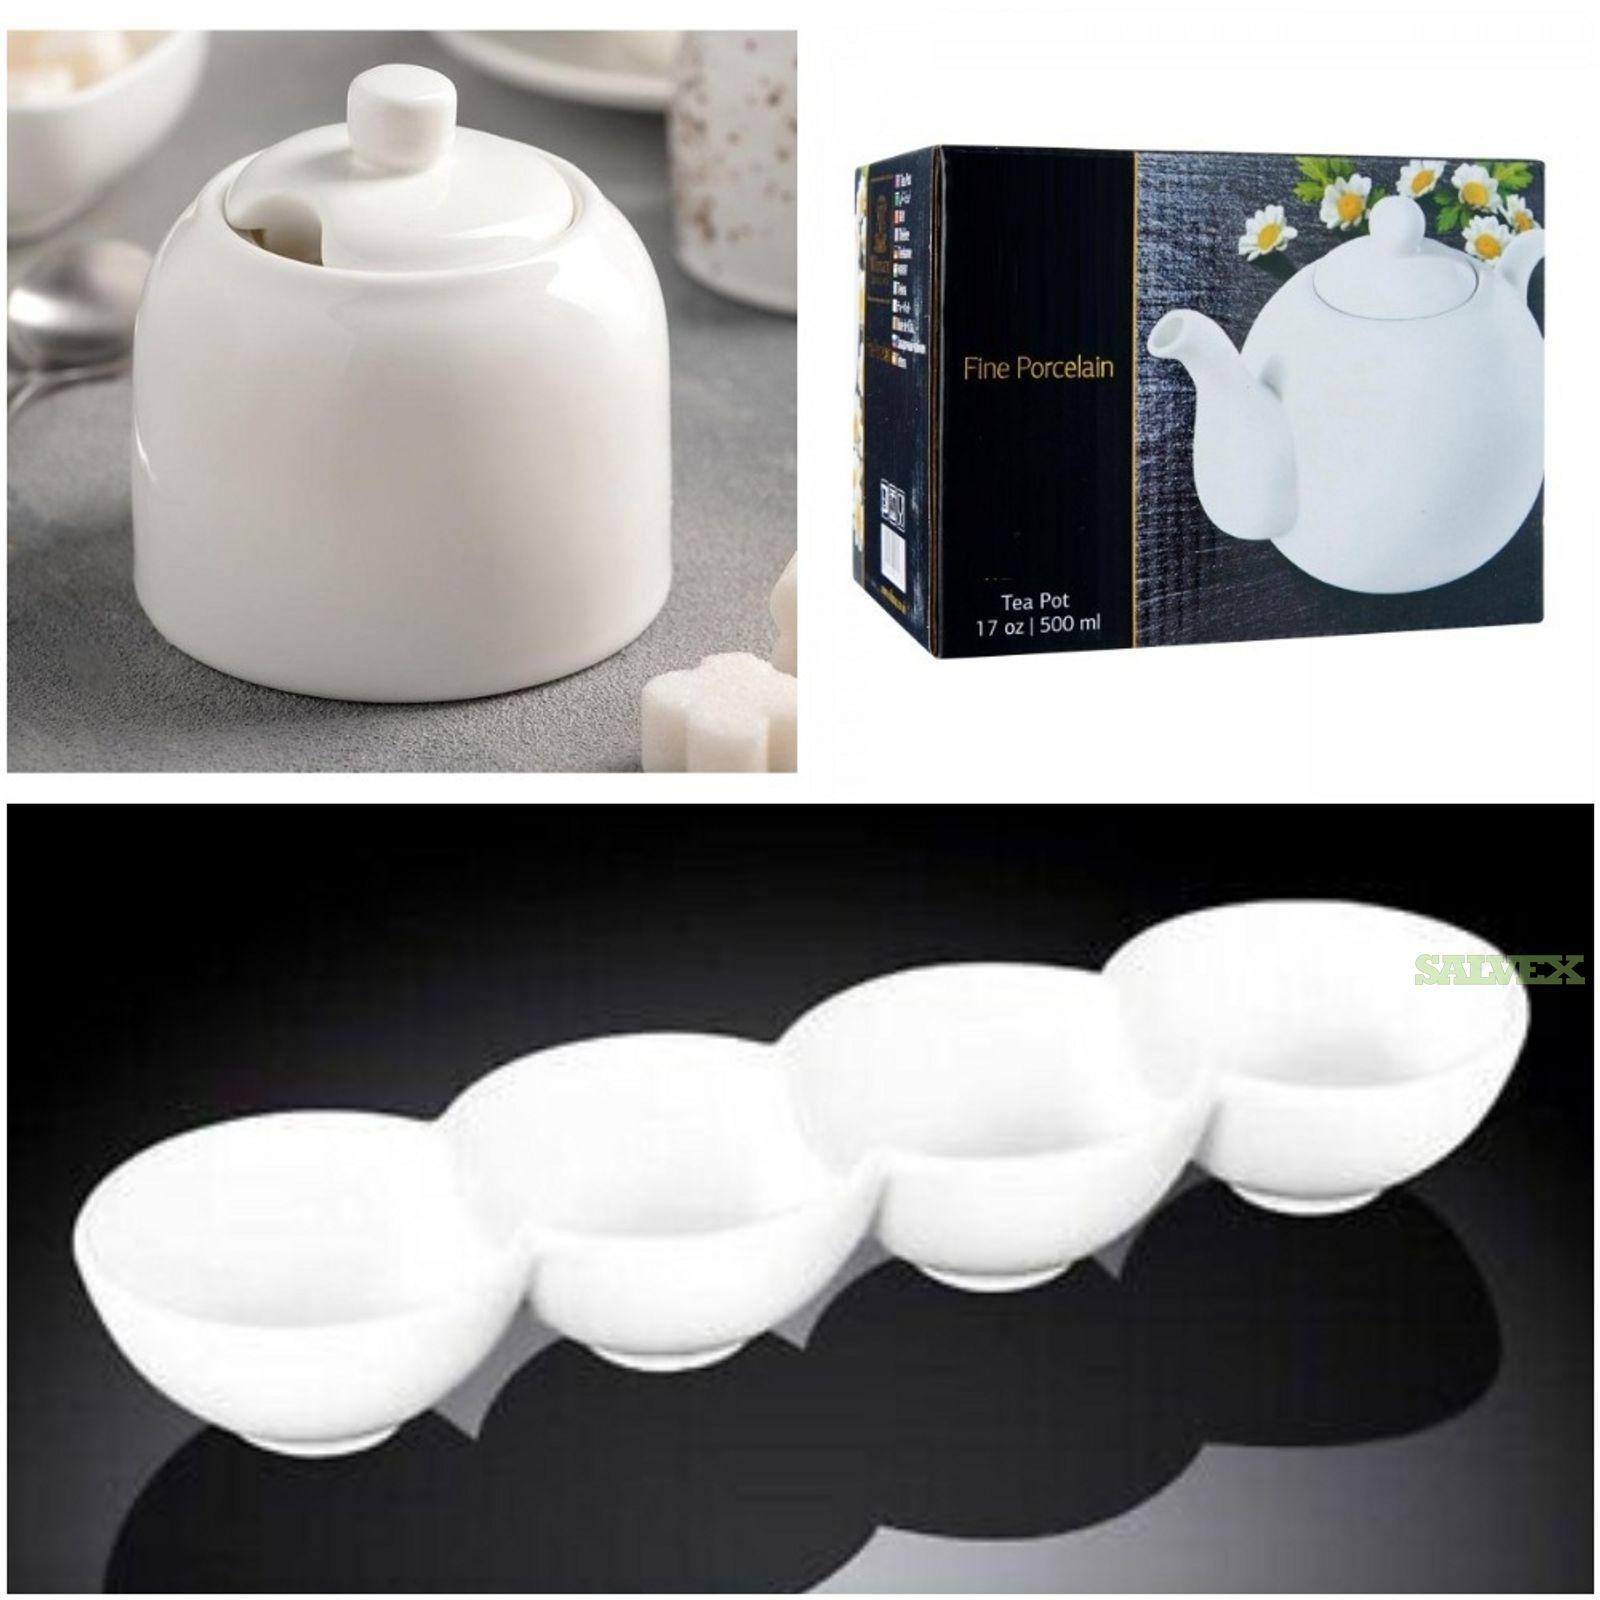 Fine White Porcelain Dinnerware & Serveware (12 Pallets) in Pennsylvania